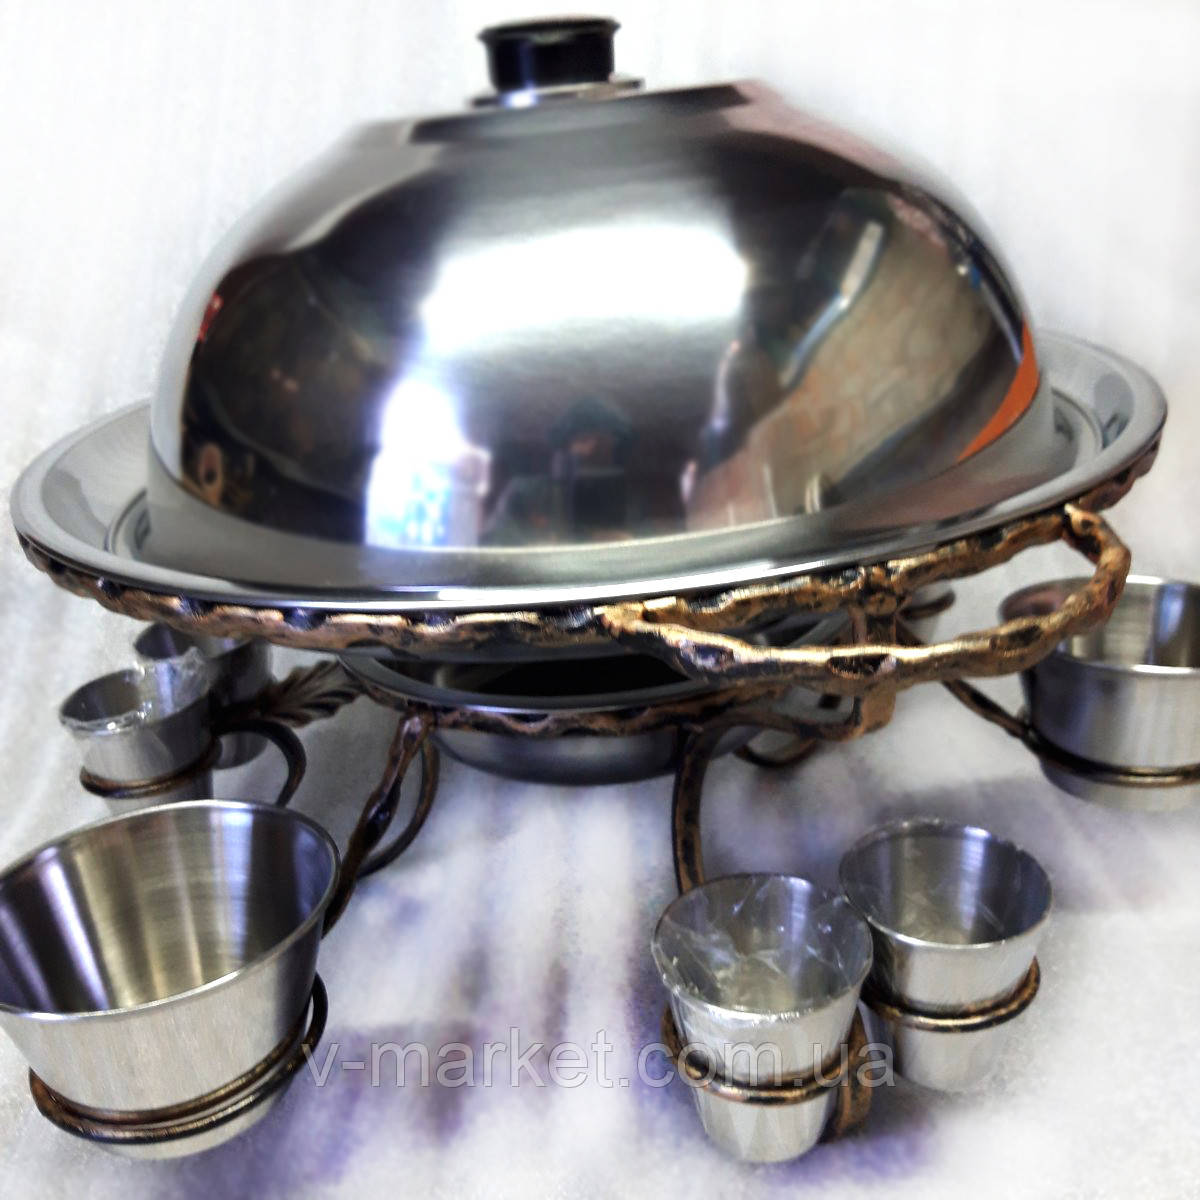 Підставка Садж (360мм) кований метал з соусницами і чарками для подачі та підігріву м'яса (шашлику)